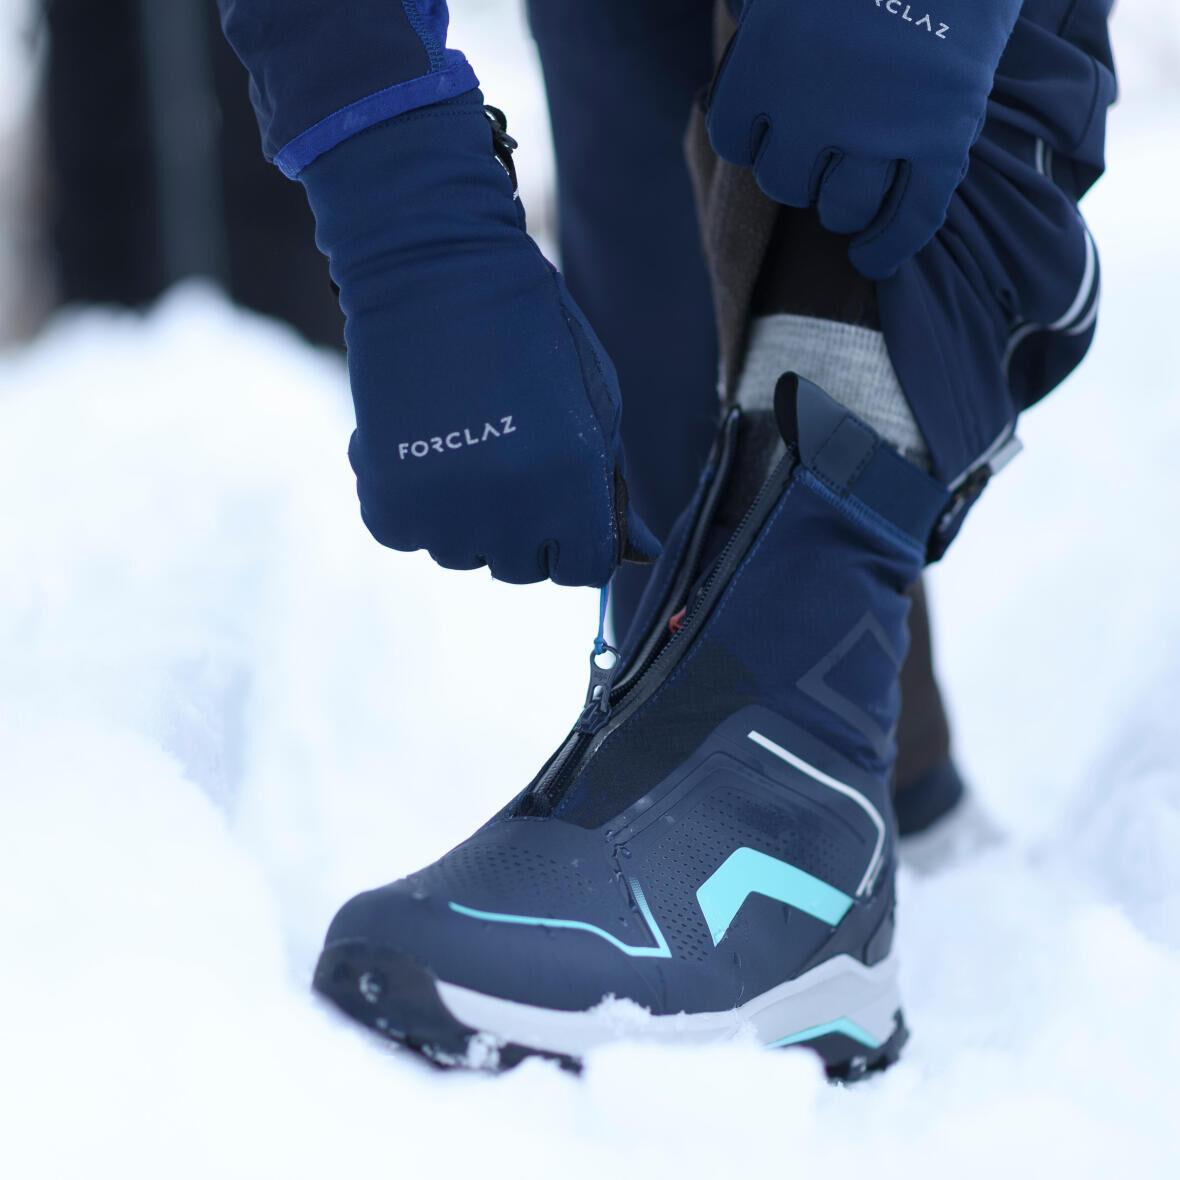 Schoenen voor wandelen